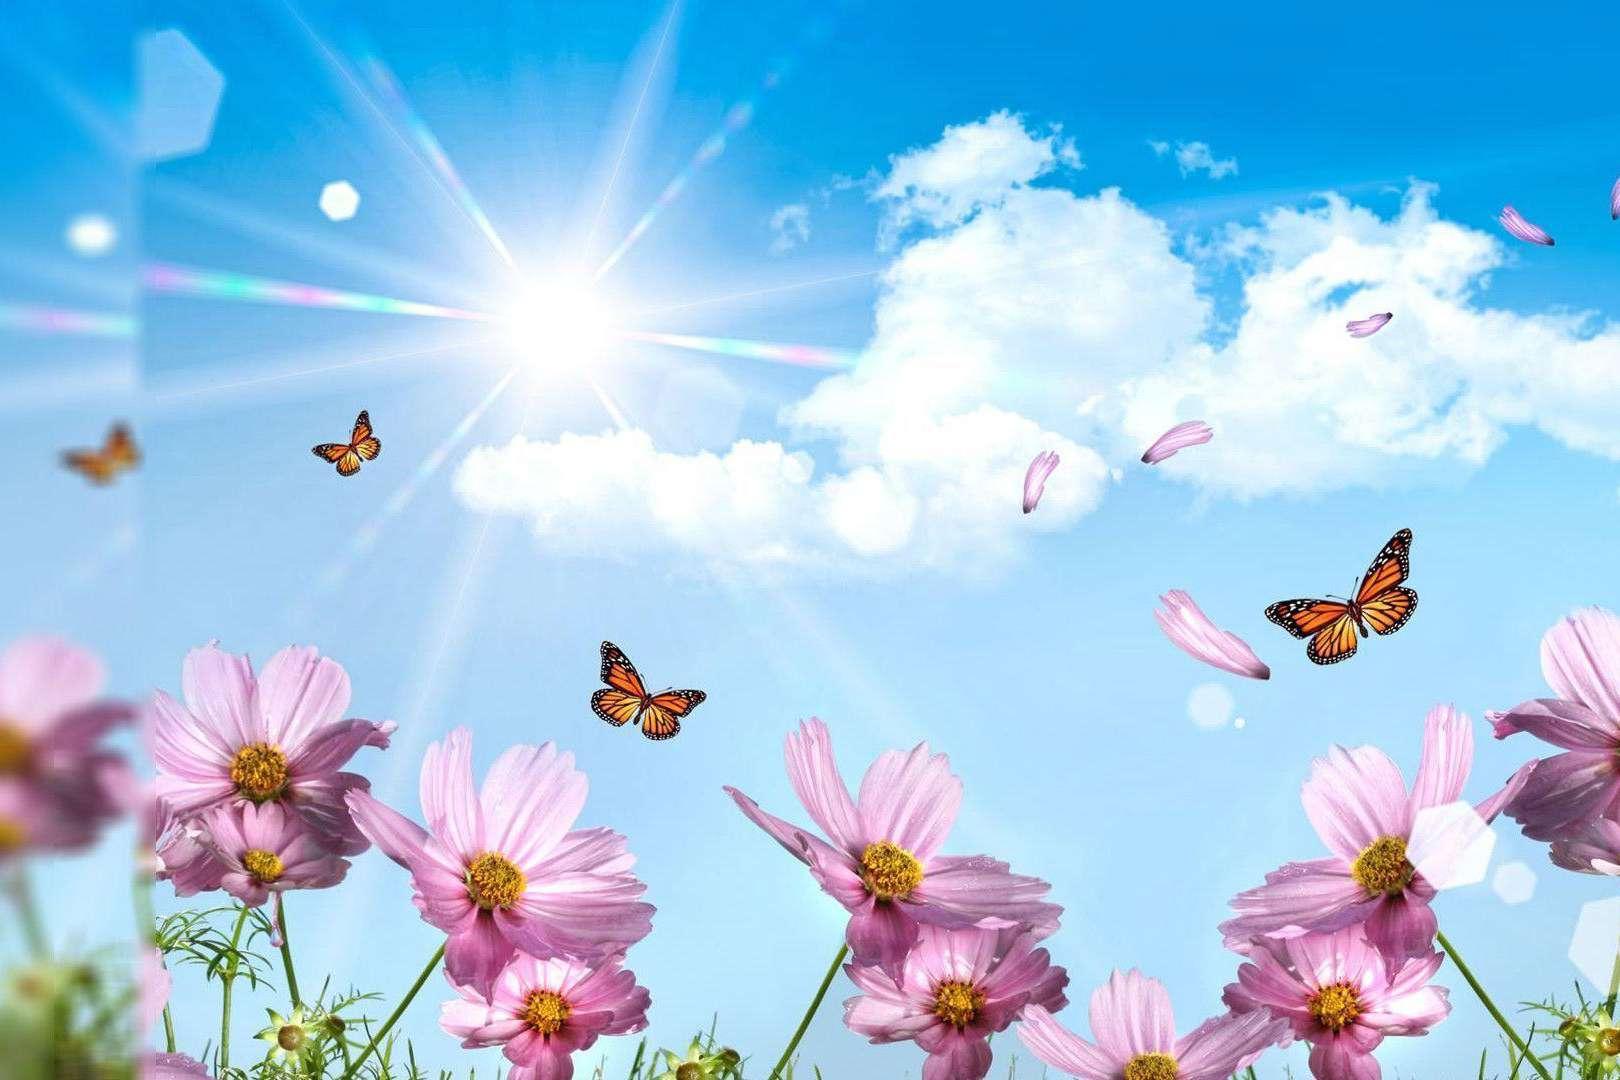 Butterfly fantasy wallpaper